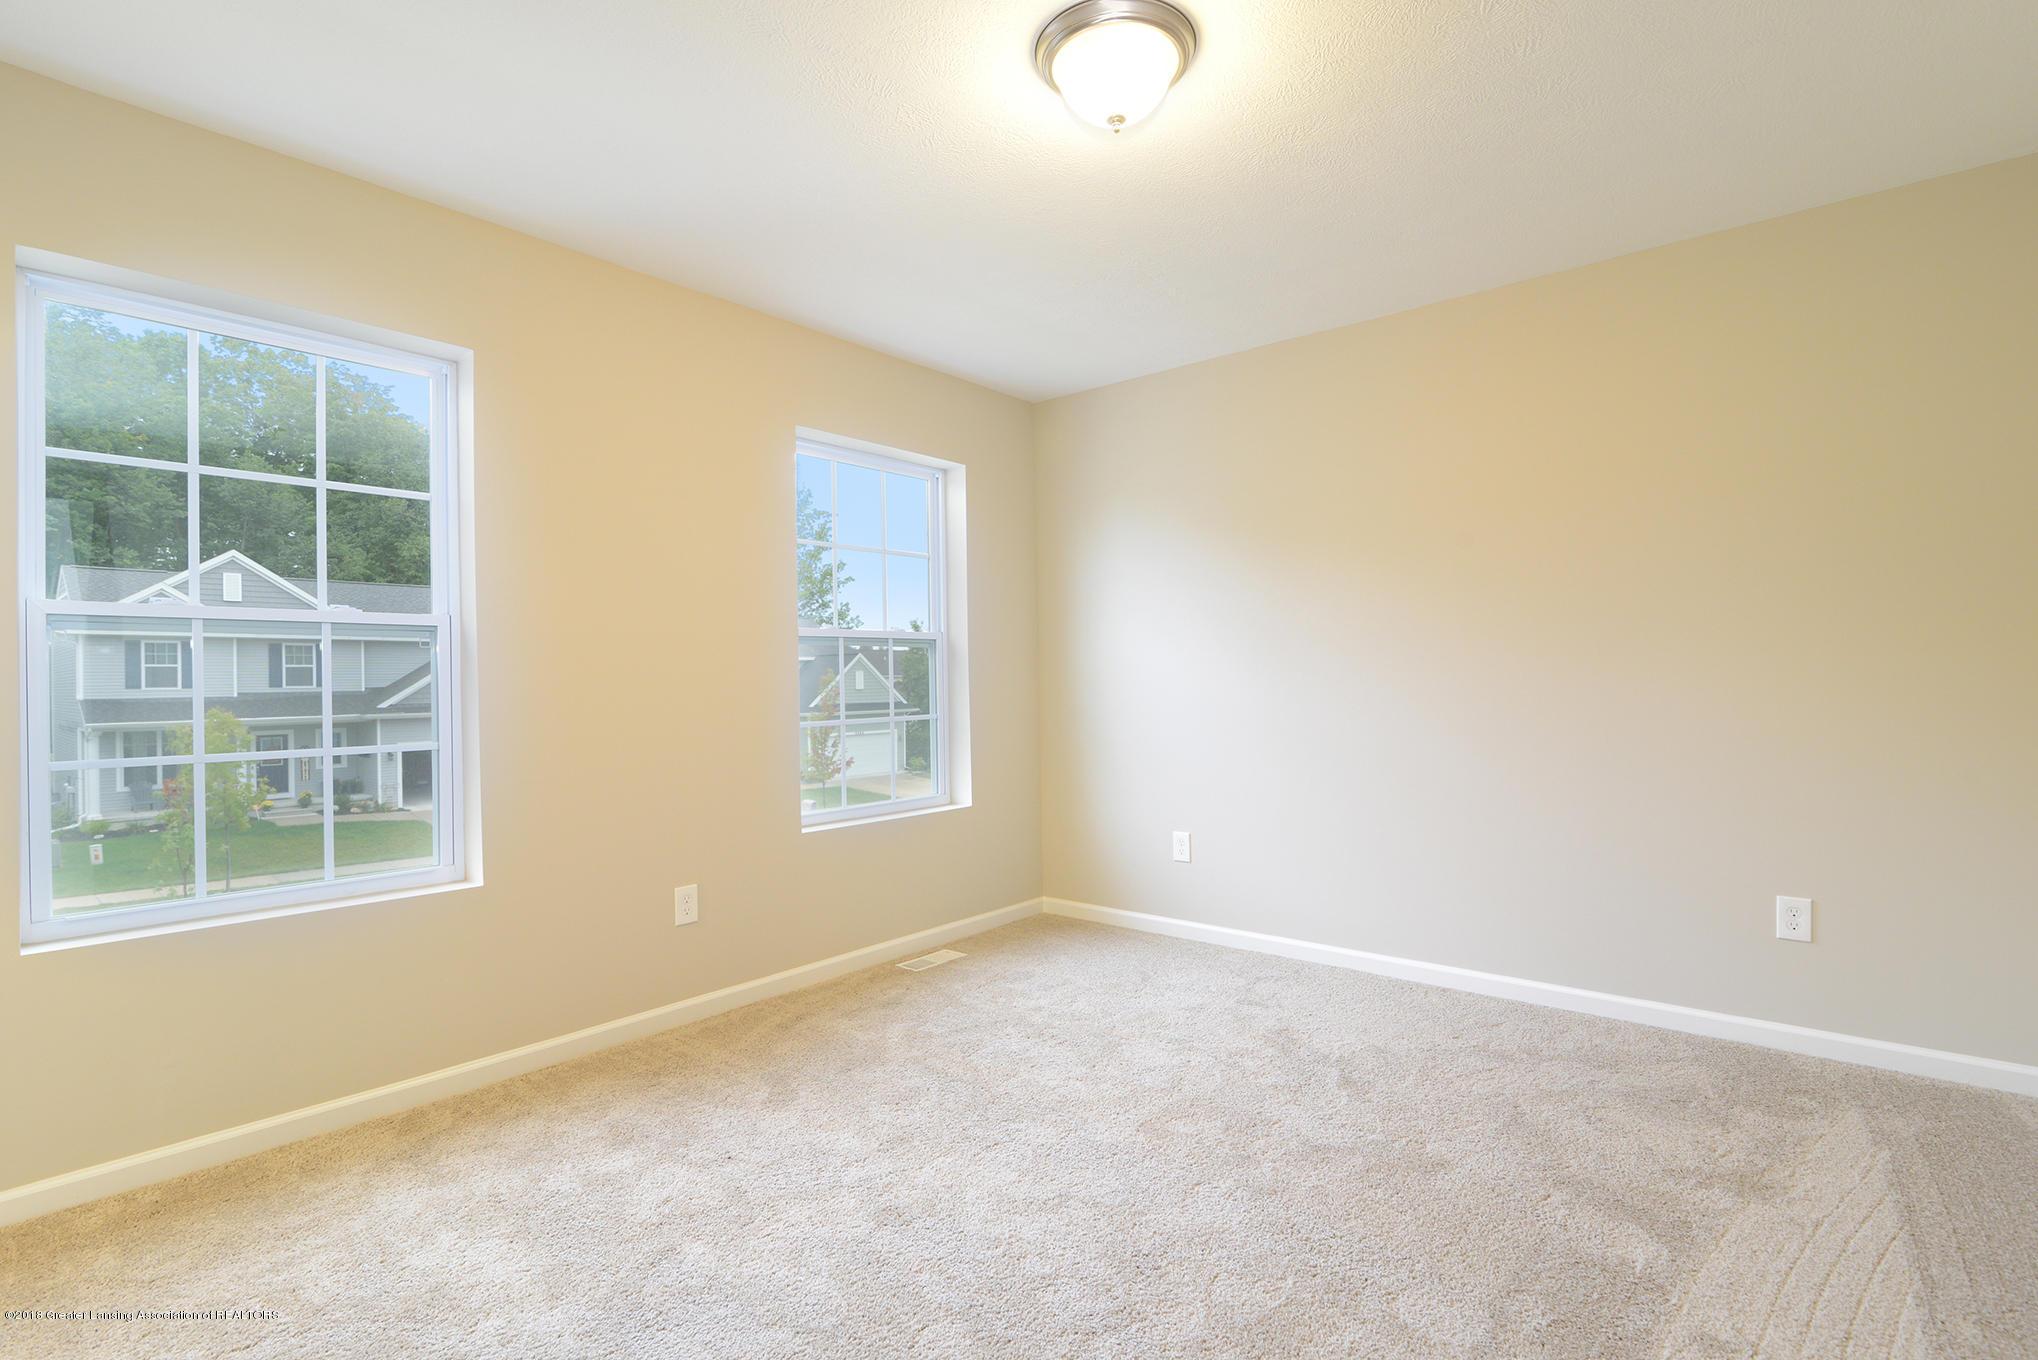 3586 Fernwood Ln - GDN111-E1700 Bedroom 2 - 10